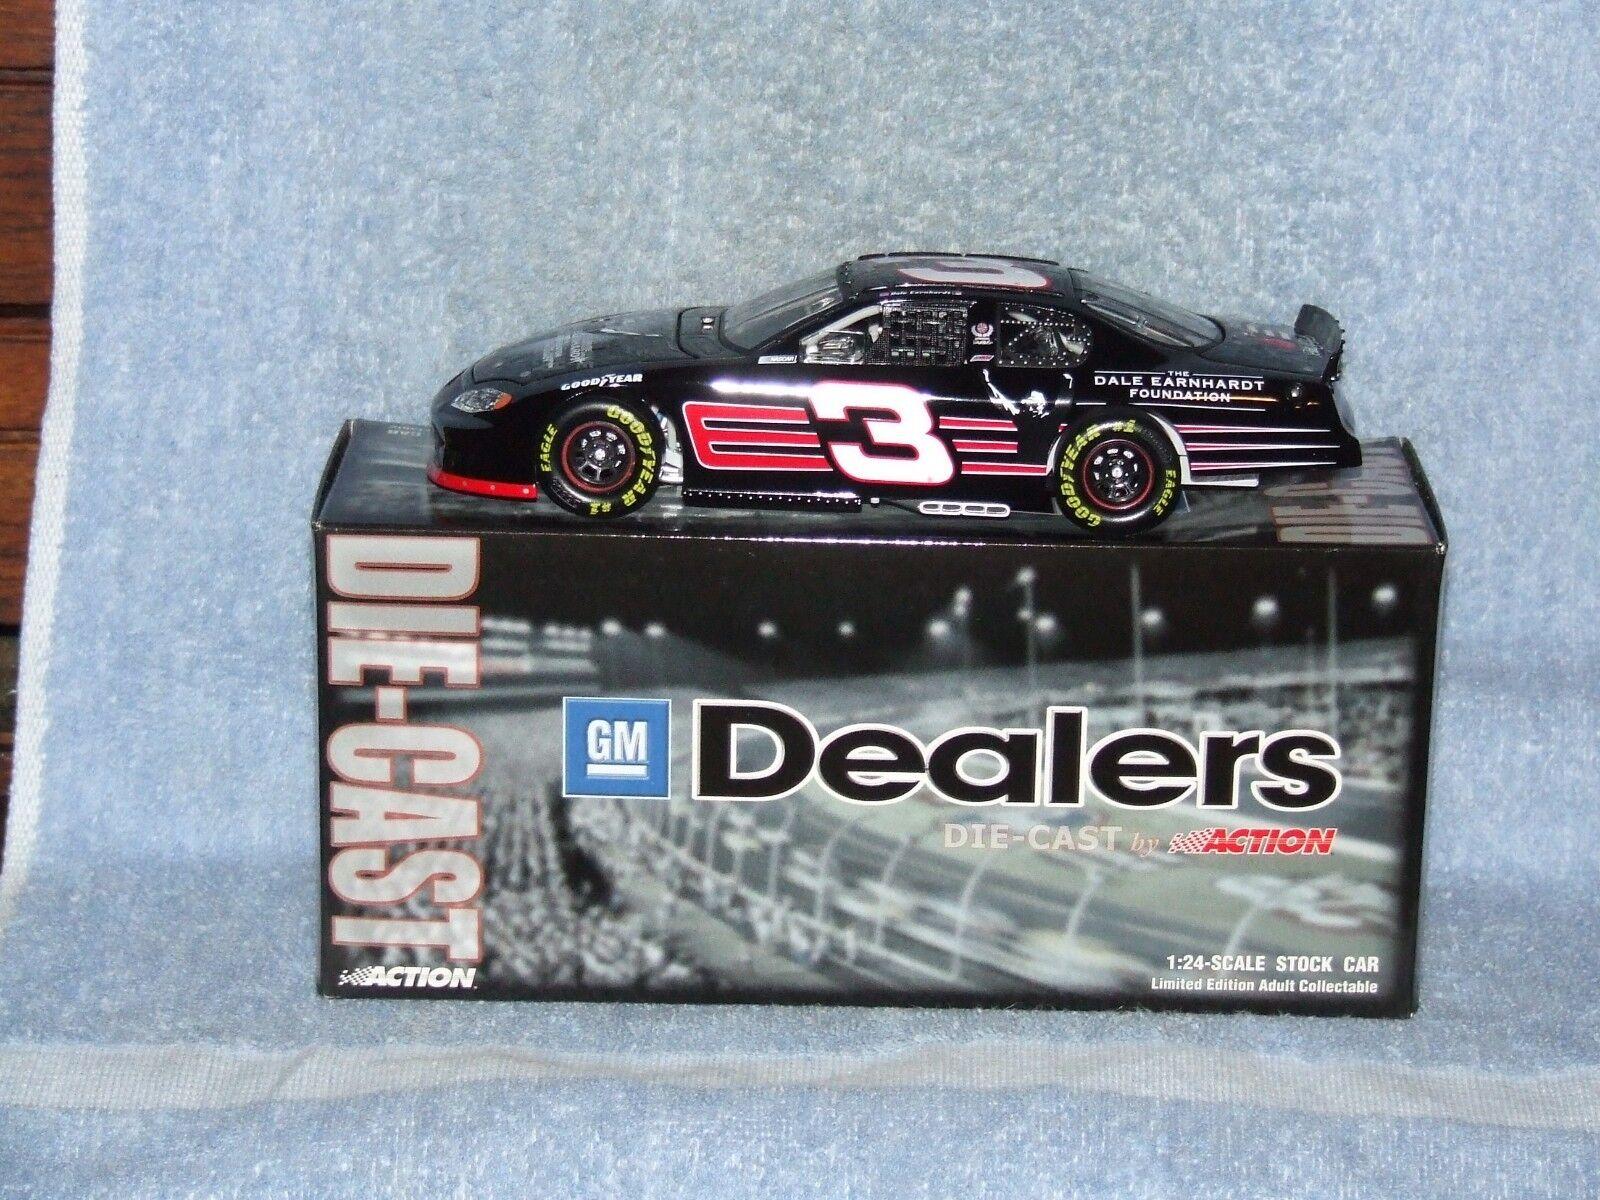 2003 Dale Earnhardt Foundation GM Dealer 1 24